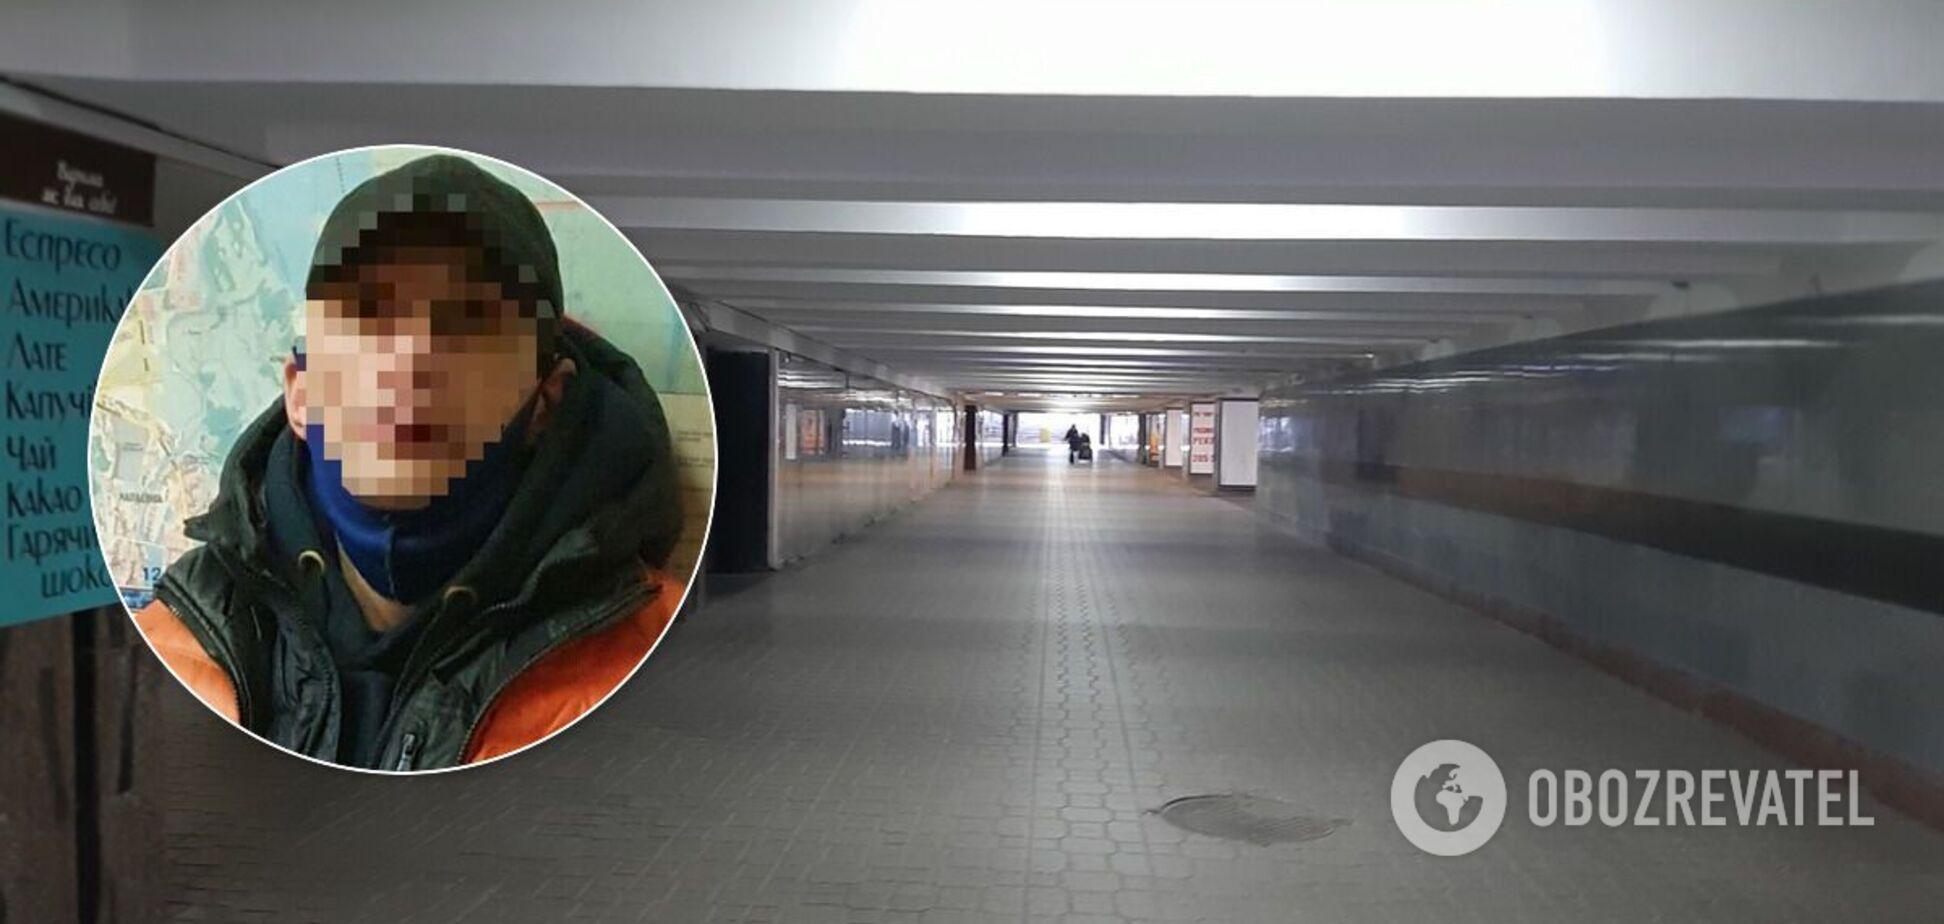 Вбивство сталося в підземному переході в центрі Києва